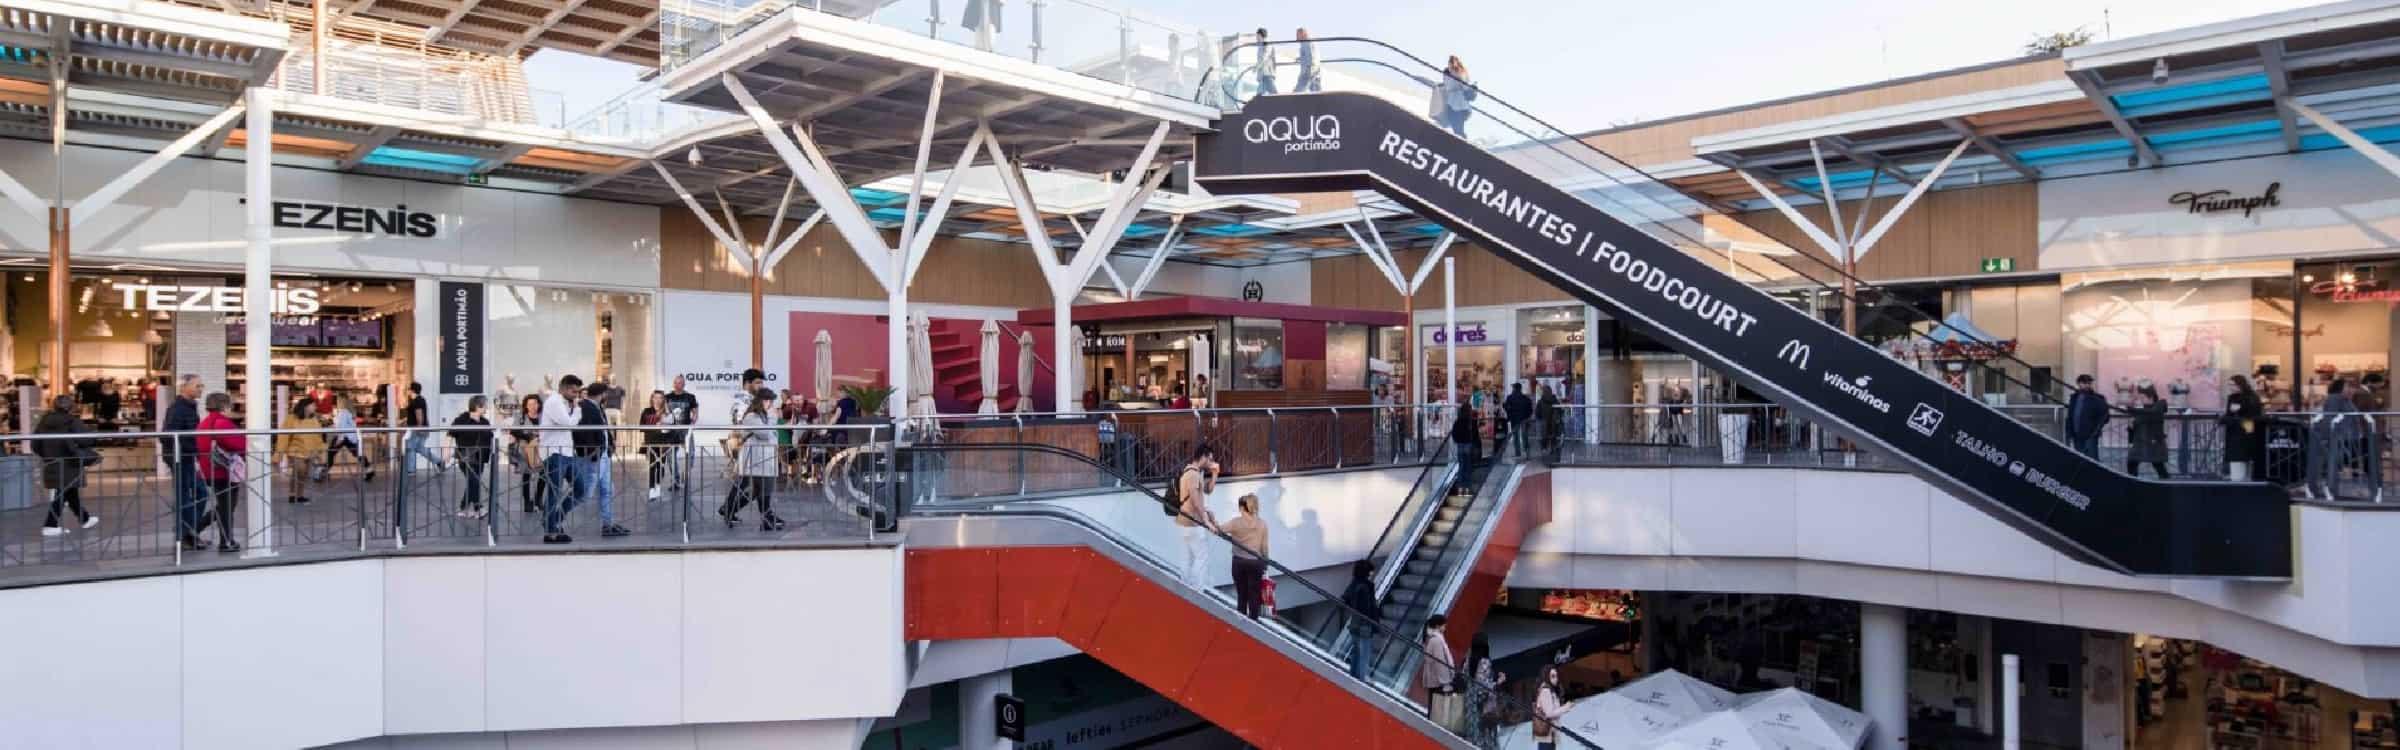 Retail-Park-Portimao-2400-x-750